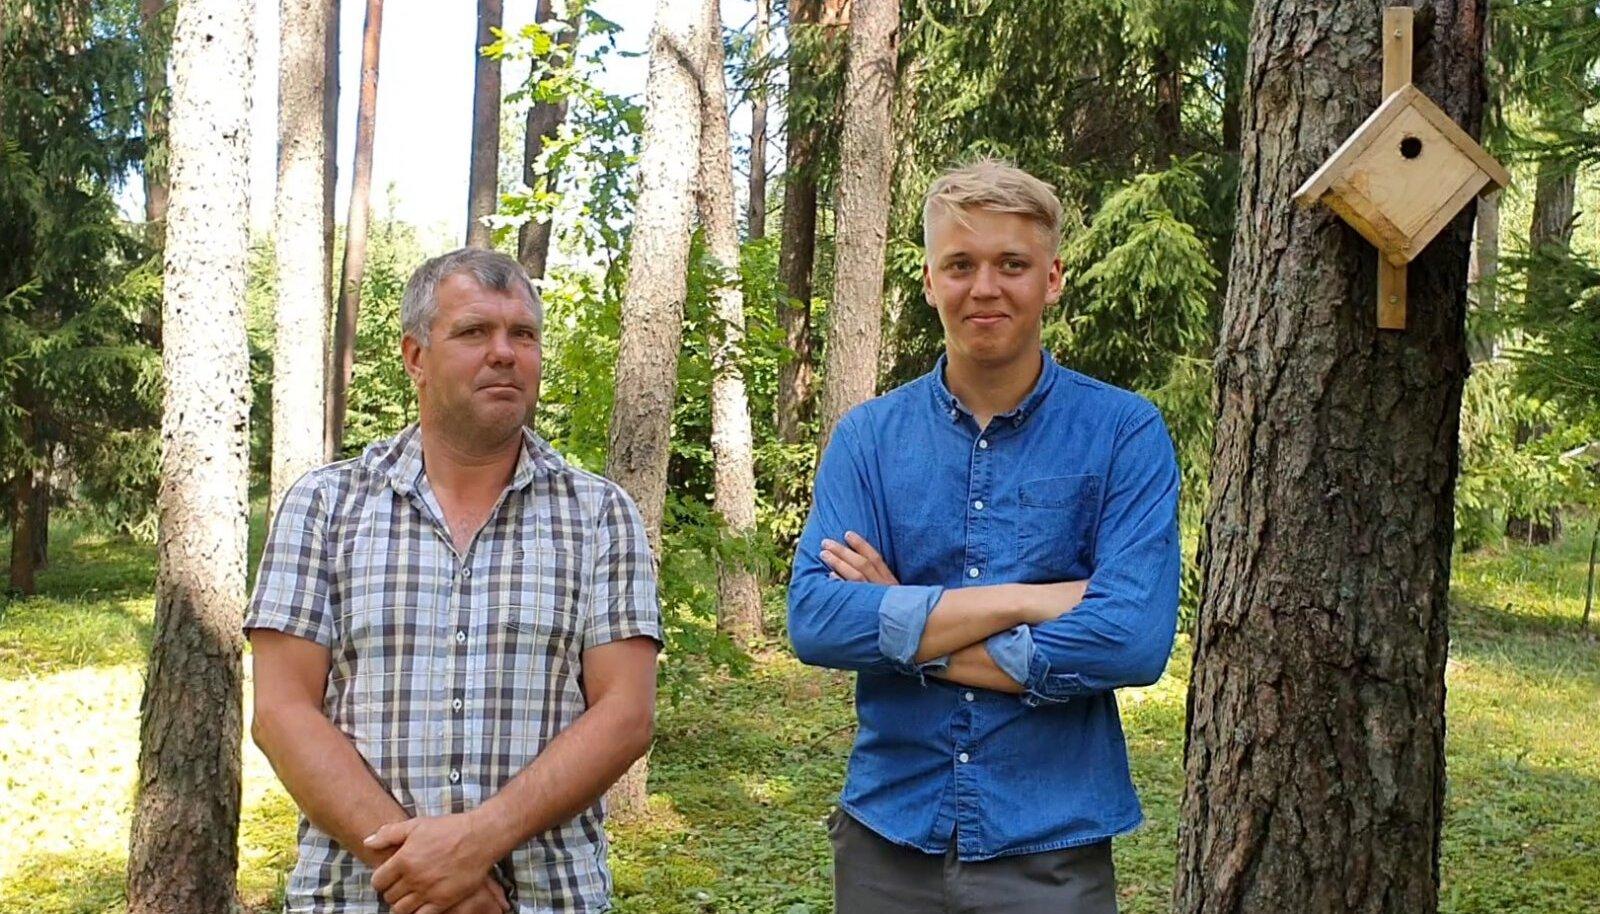 Rain (vasakul) ja Ralf Elfenbein kandideerivad koos parimaks metsamajandajaks.